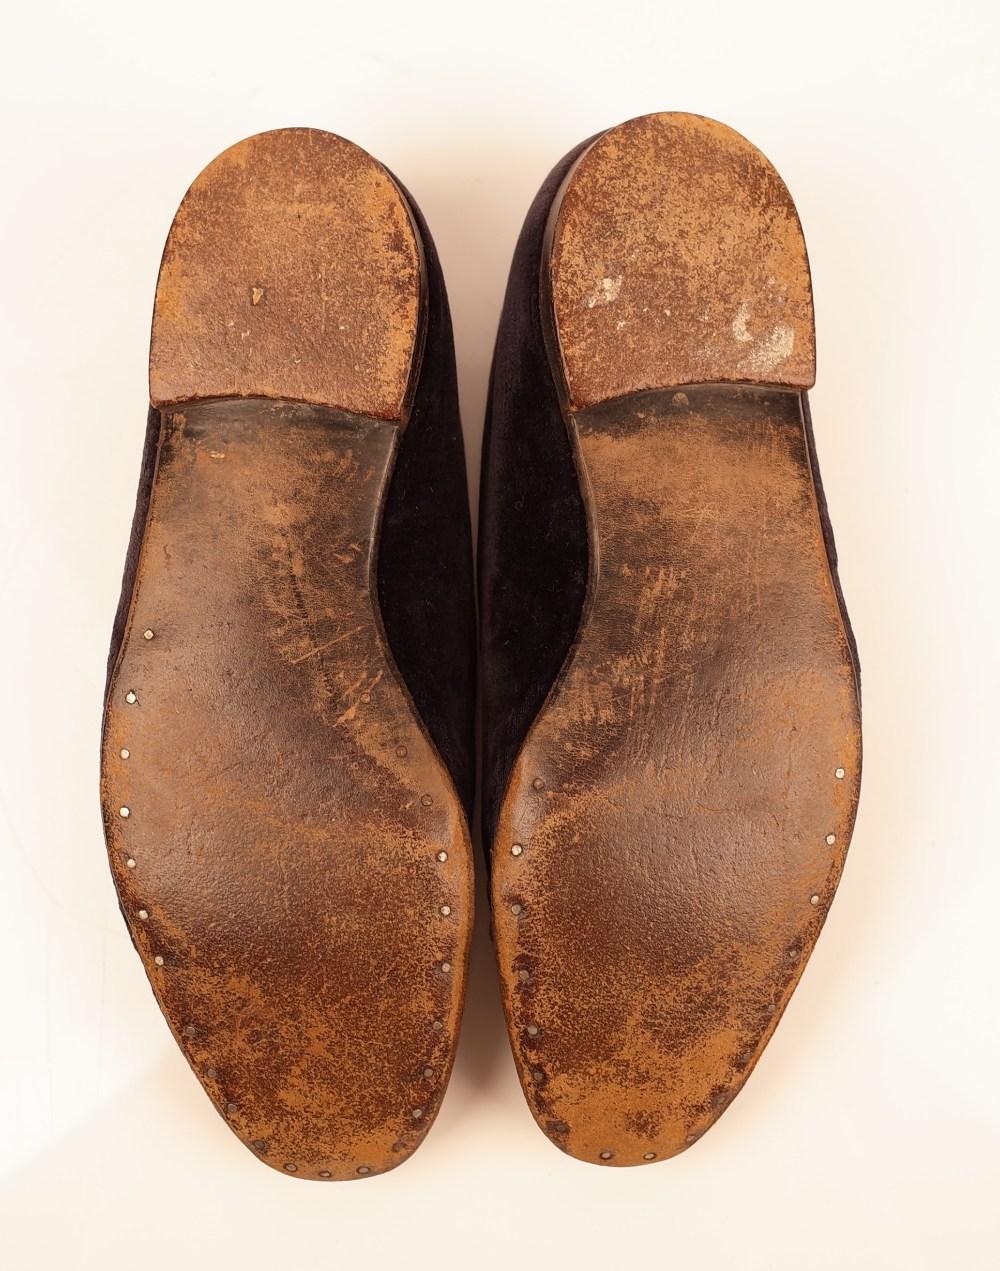 Sir Winston Churchill's monogrammed midnight blue velvet evening slippers, 1950s, of Albert style, - Image 7 of 10